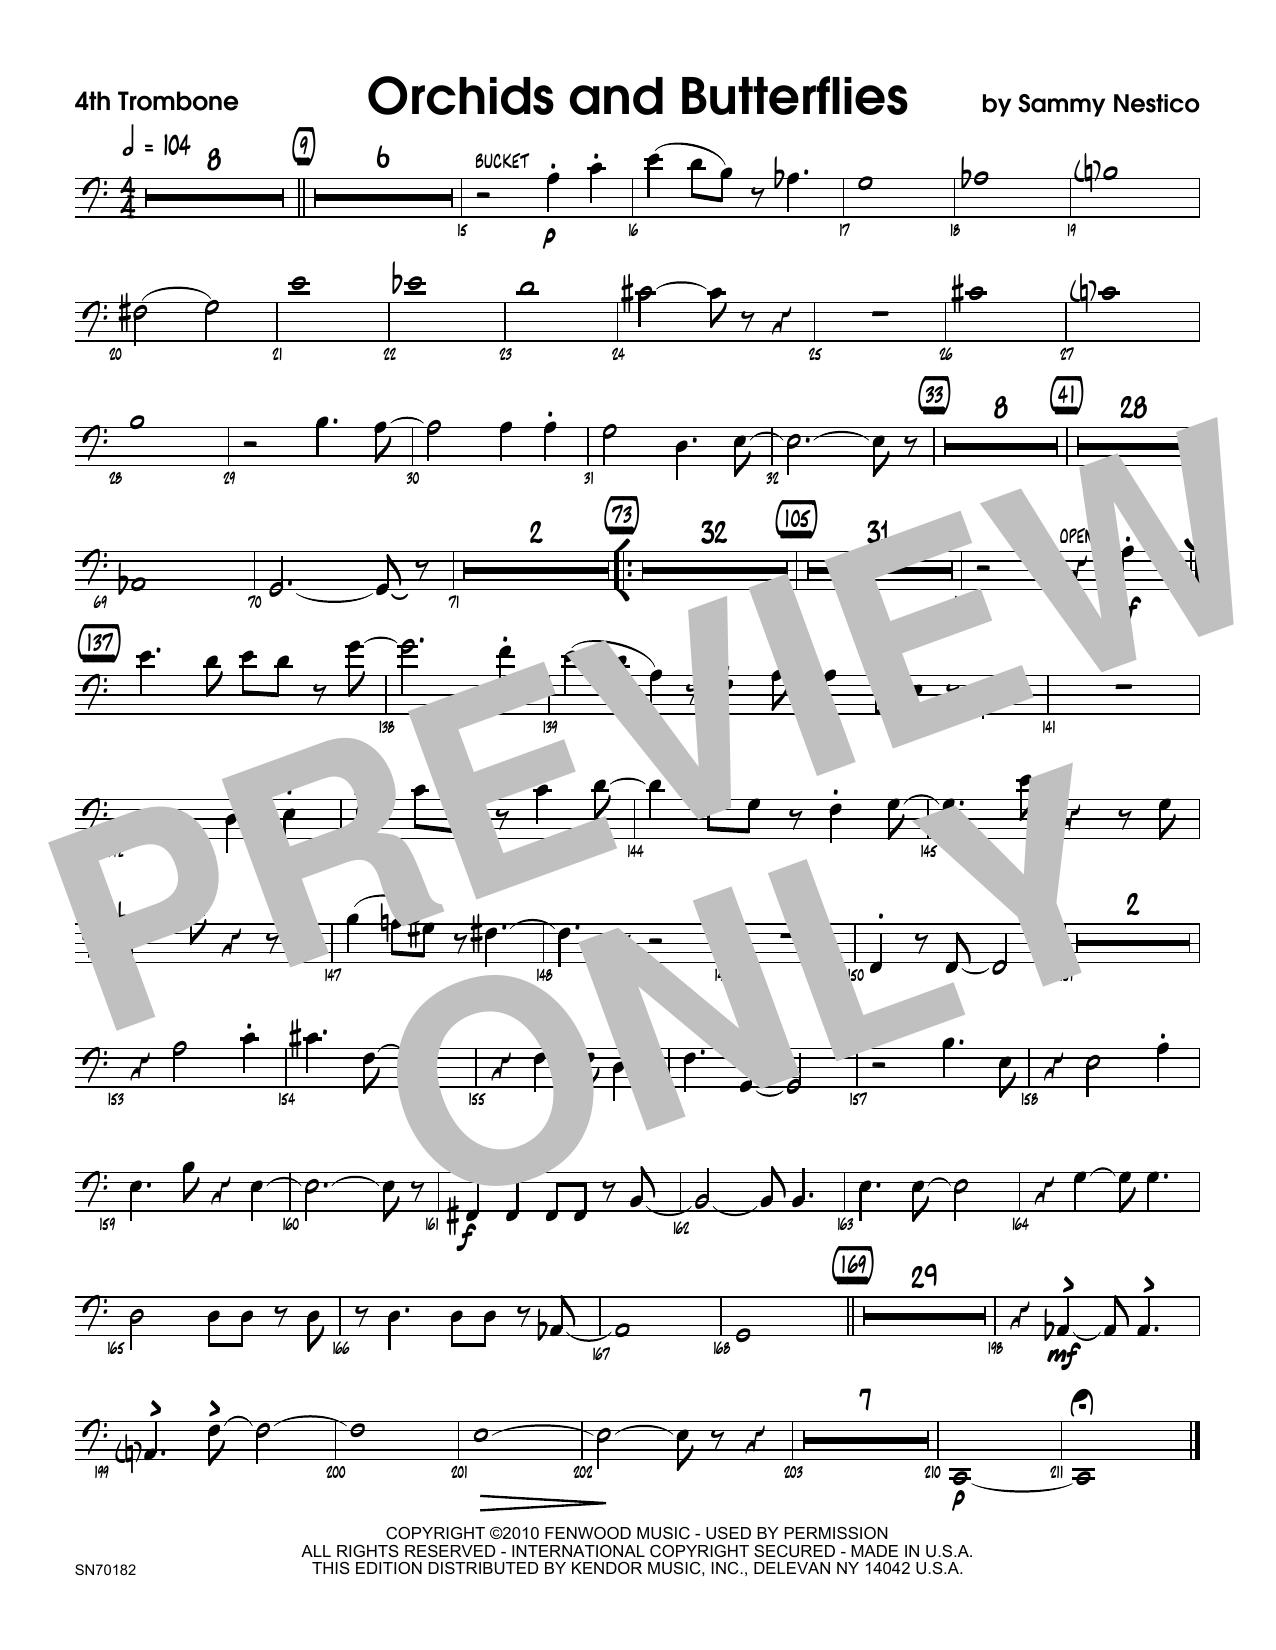 Orchids And Butterflies - 4th Trombone Sheet Music